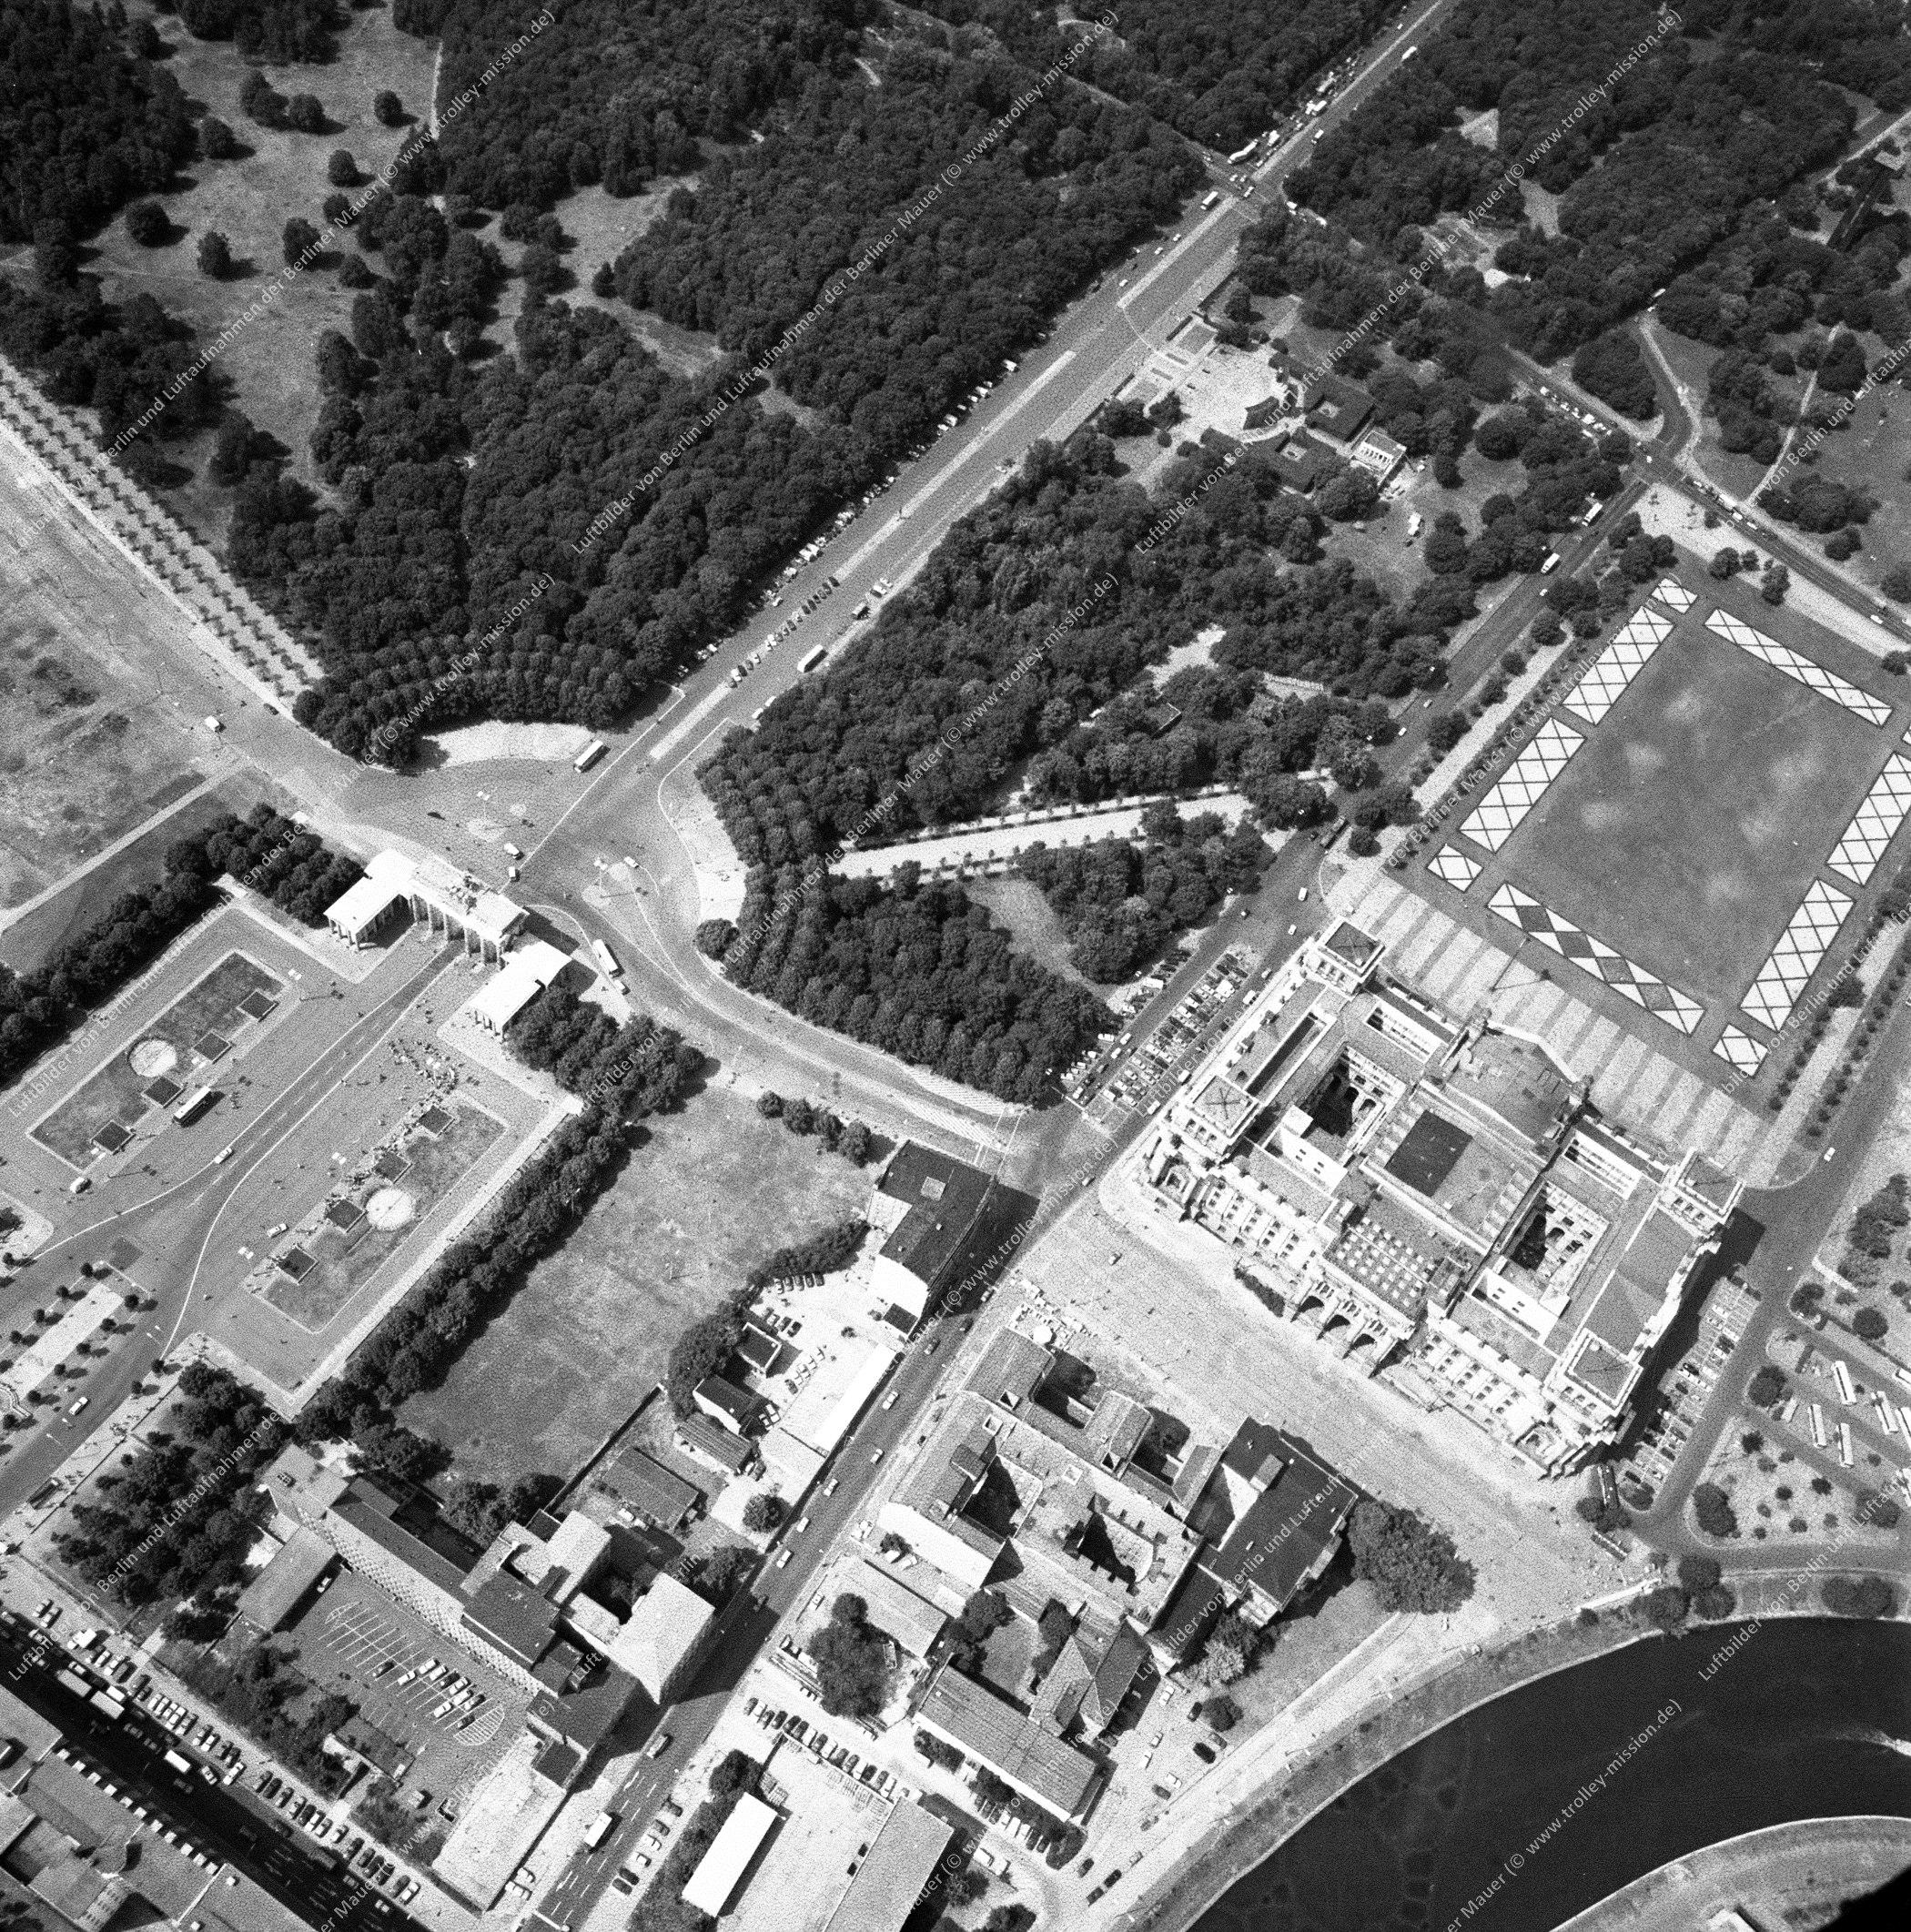 Reichstag, Brandenburger Tor und Paris Platz nach der deutschen Wiedervereinigung (Bild 130)